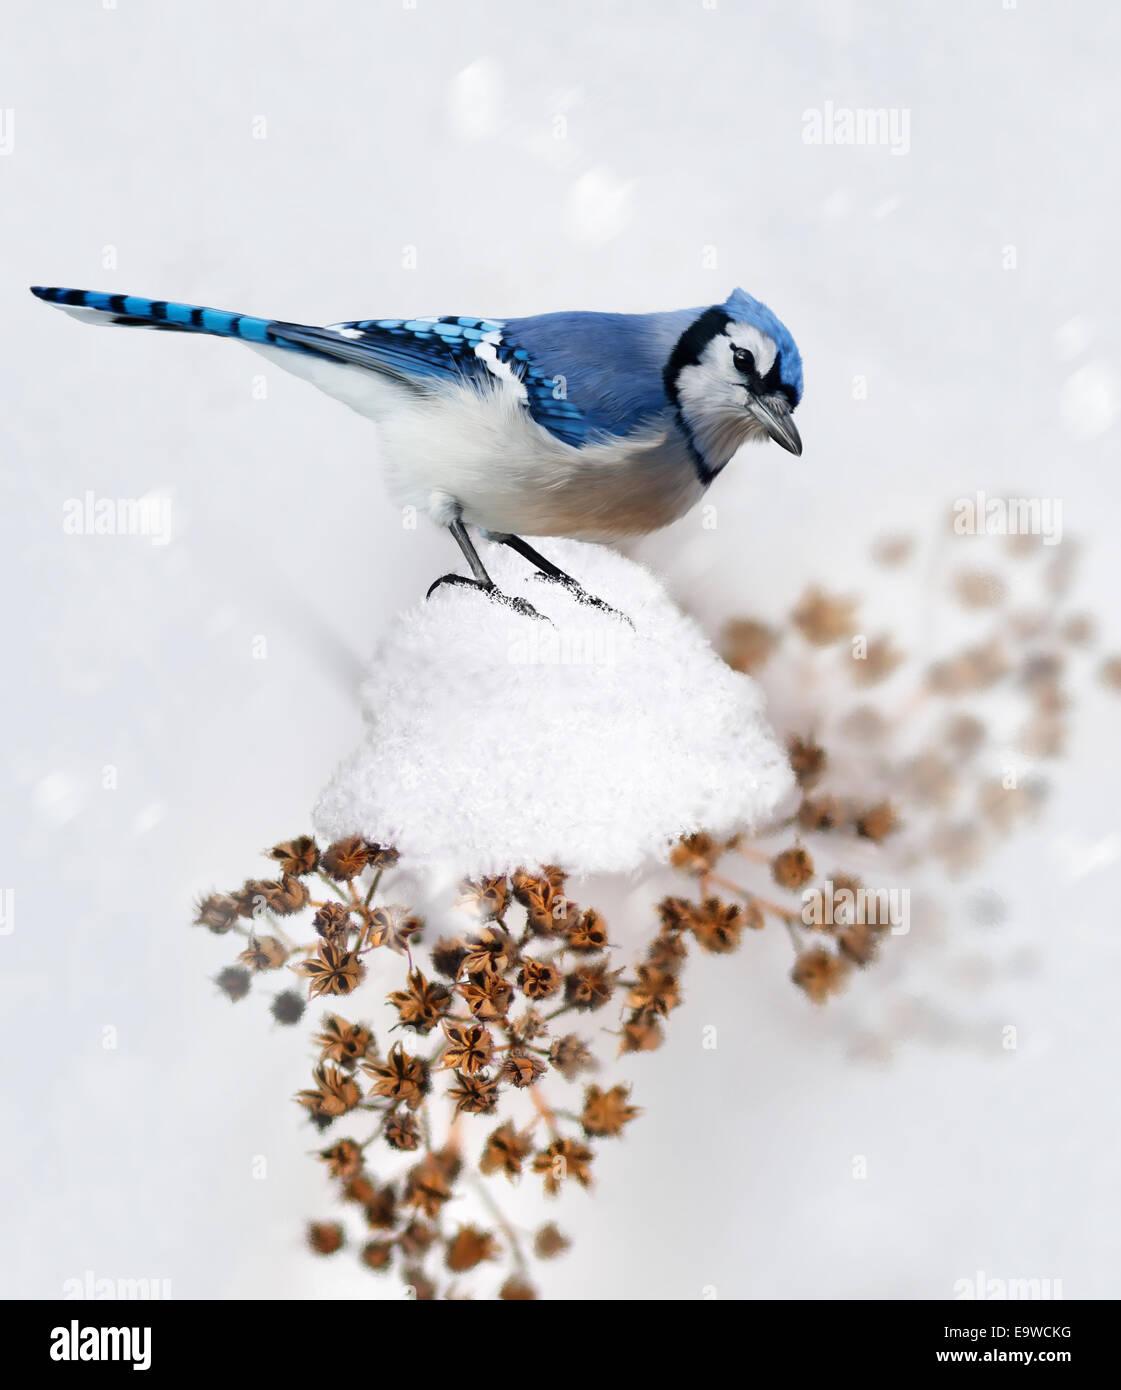 Pintura digital de Blue Jay en invierno Imagen De Stock